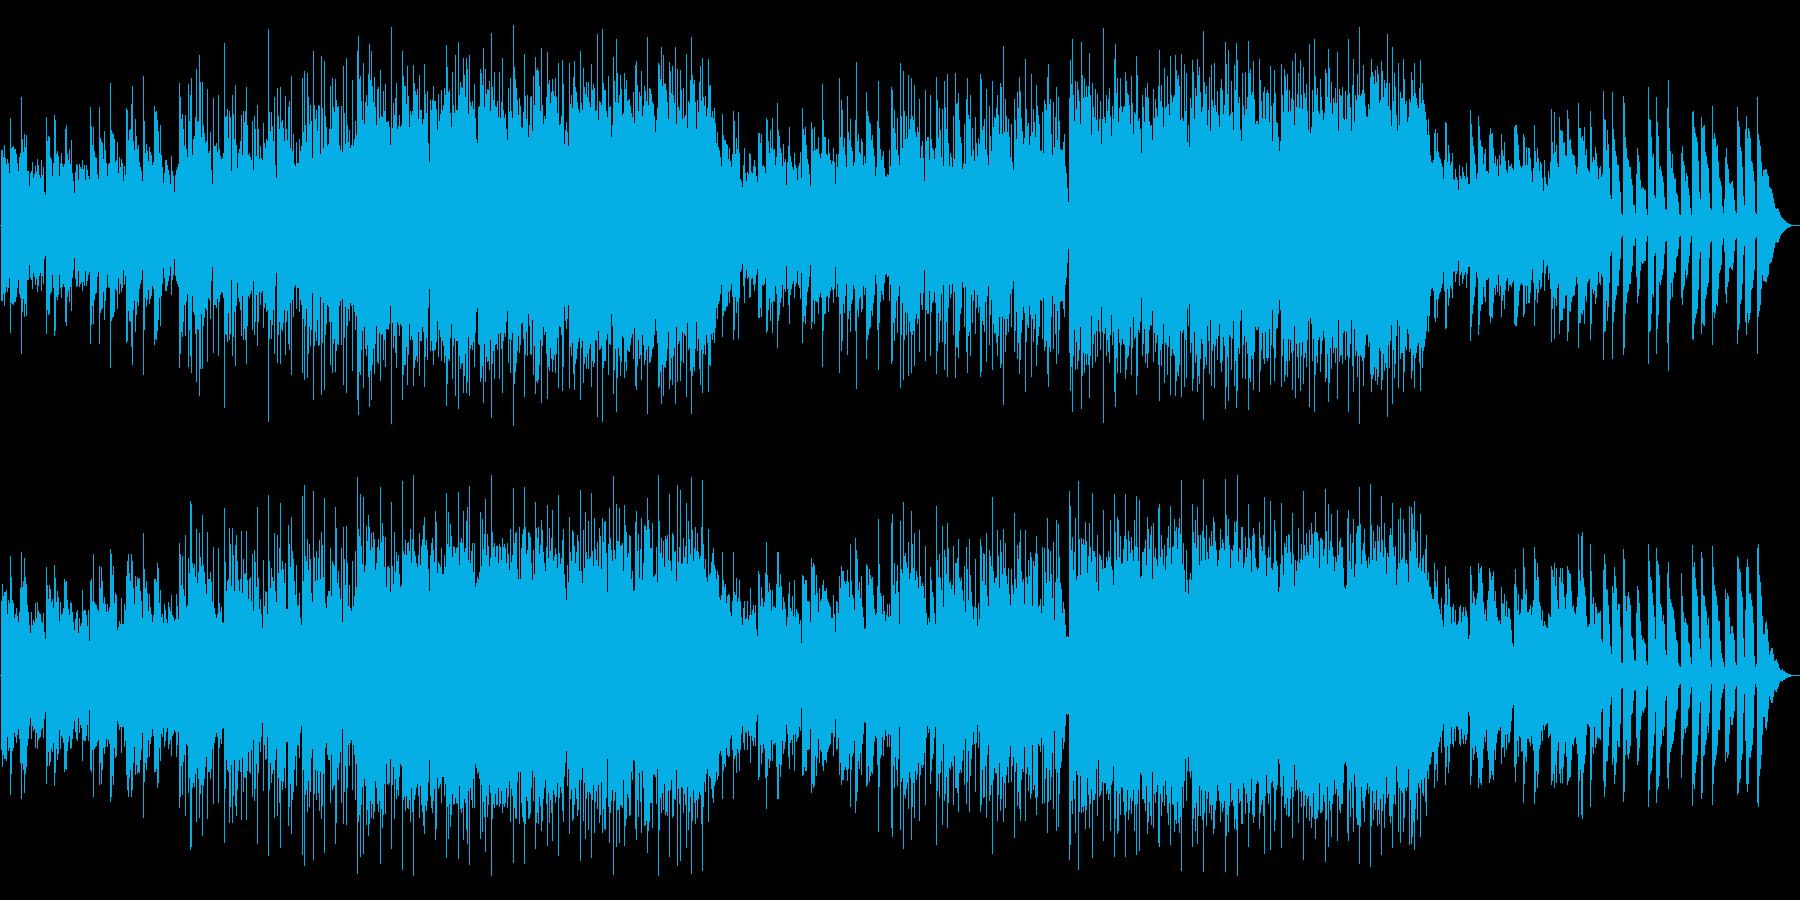 生演奏アコギ 感情的で高揚感のあるBGMの再生済みの波形